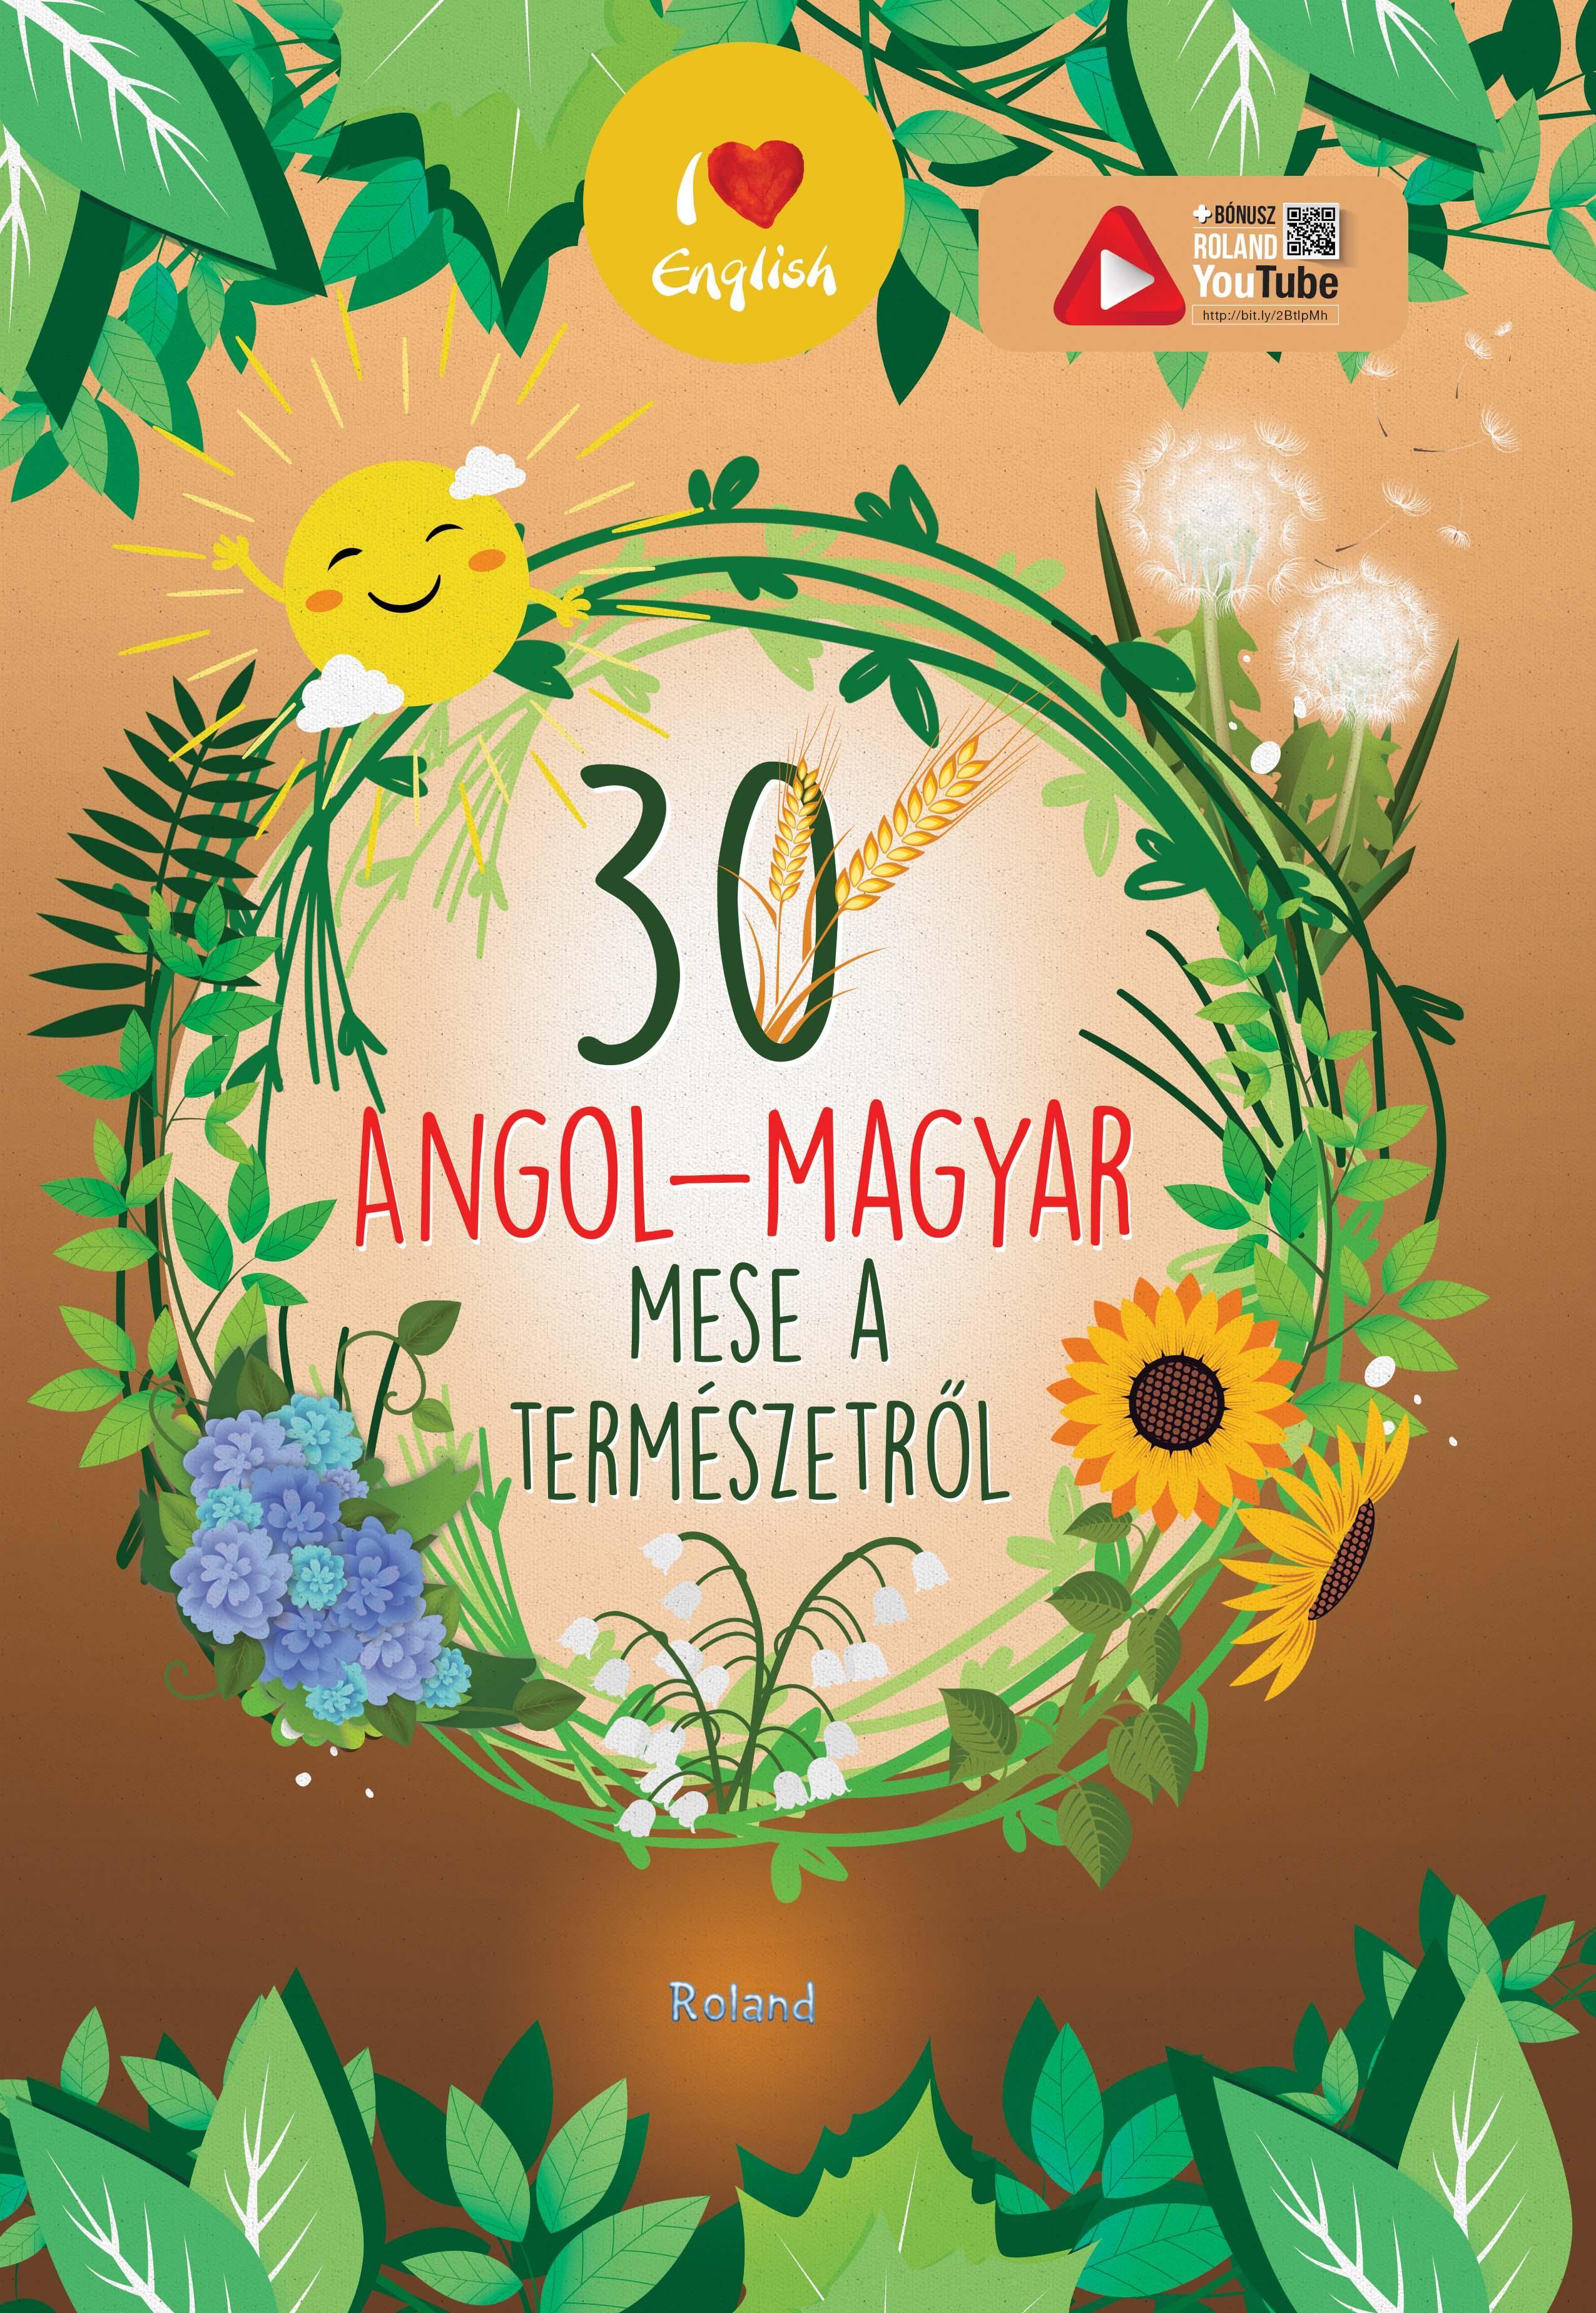 30 ANGOL-MAGYAR MESE A TERMÉSZETRÕL